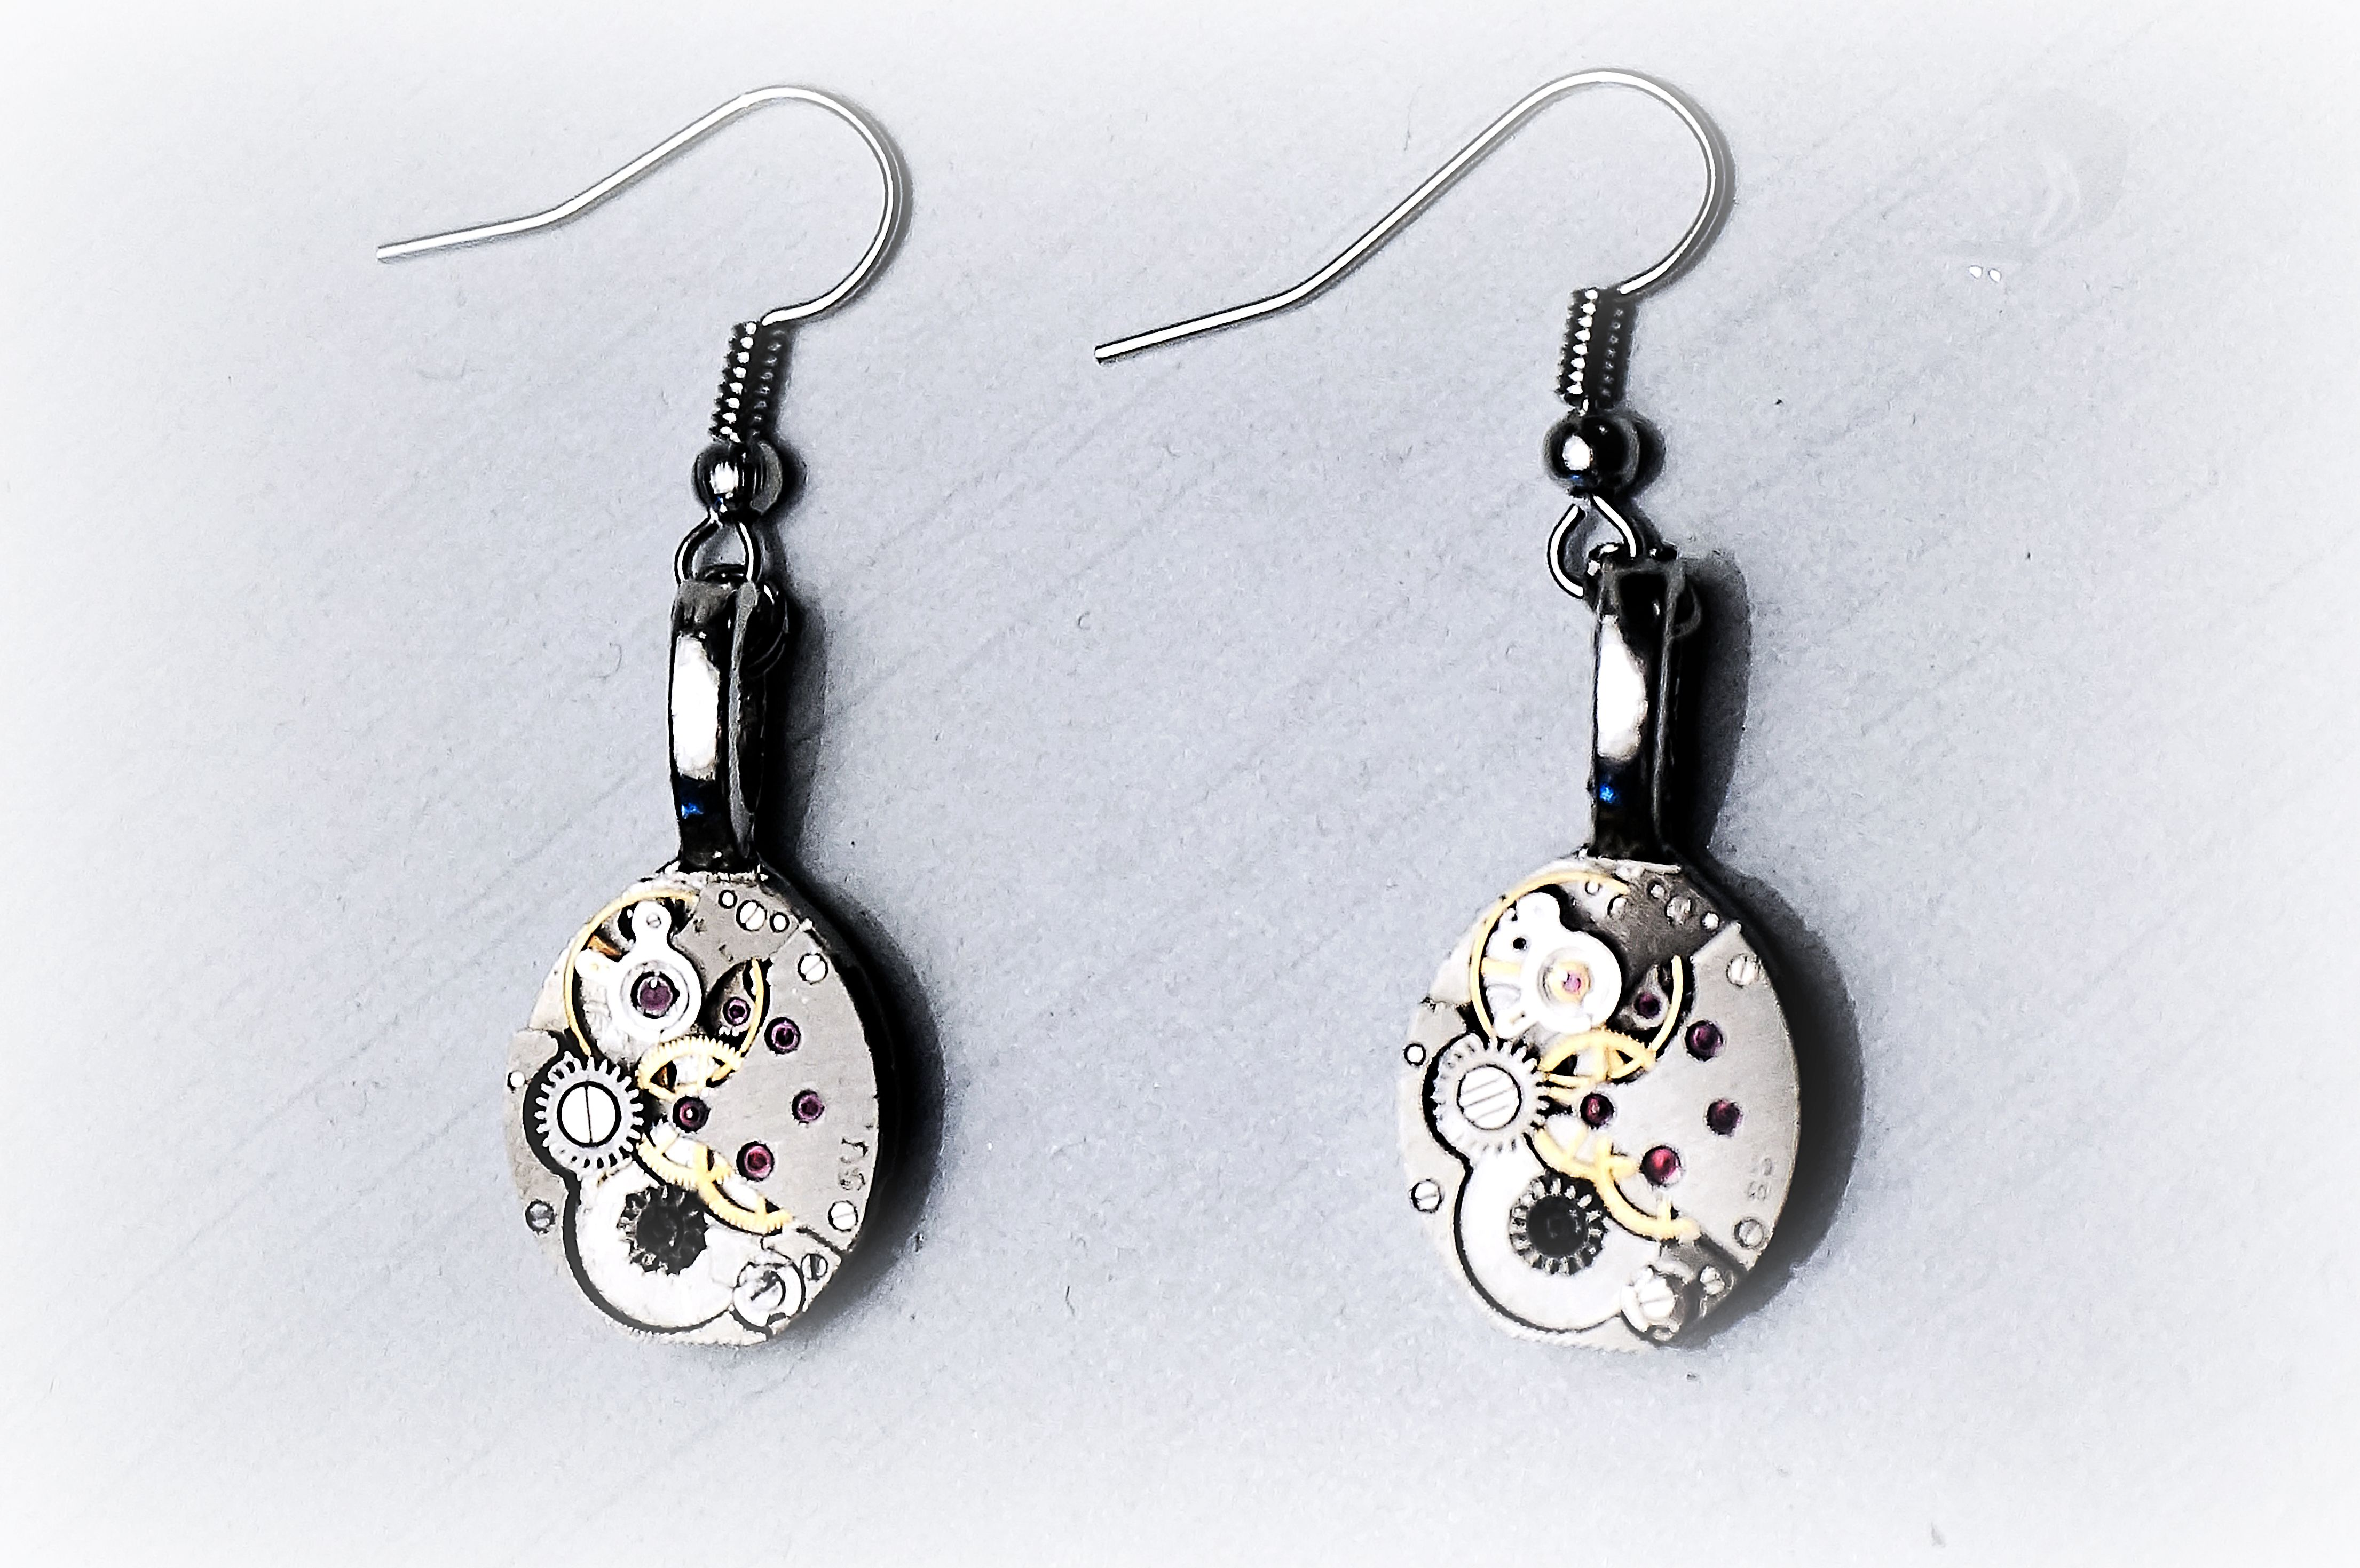 steampunk_bdsm_jeweled_rubies_earrings_vintage_wedding_anniversary_birthday_earrings_3.JPG